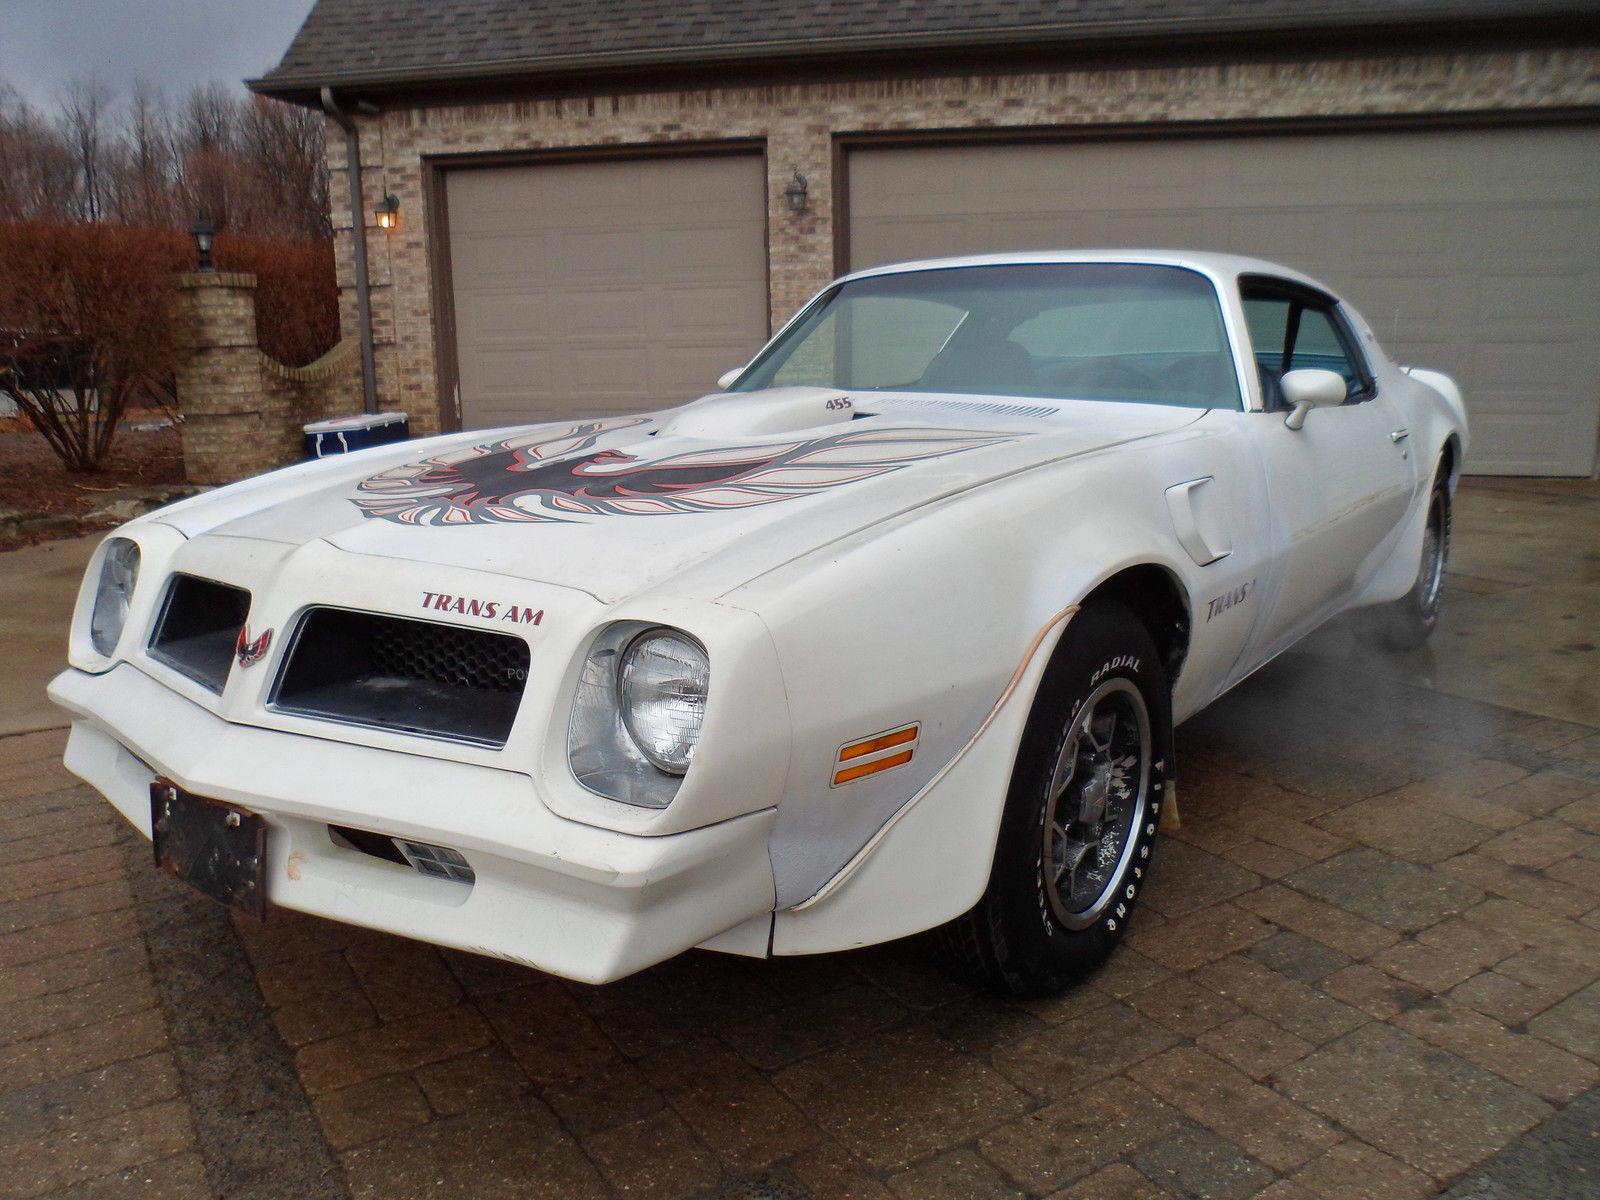 1976 Pontiac Trans Am Barn Find - Muscle Car